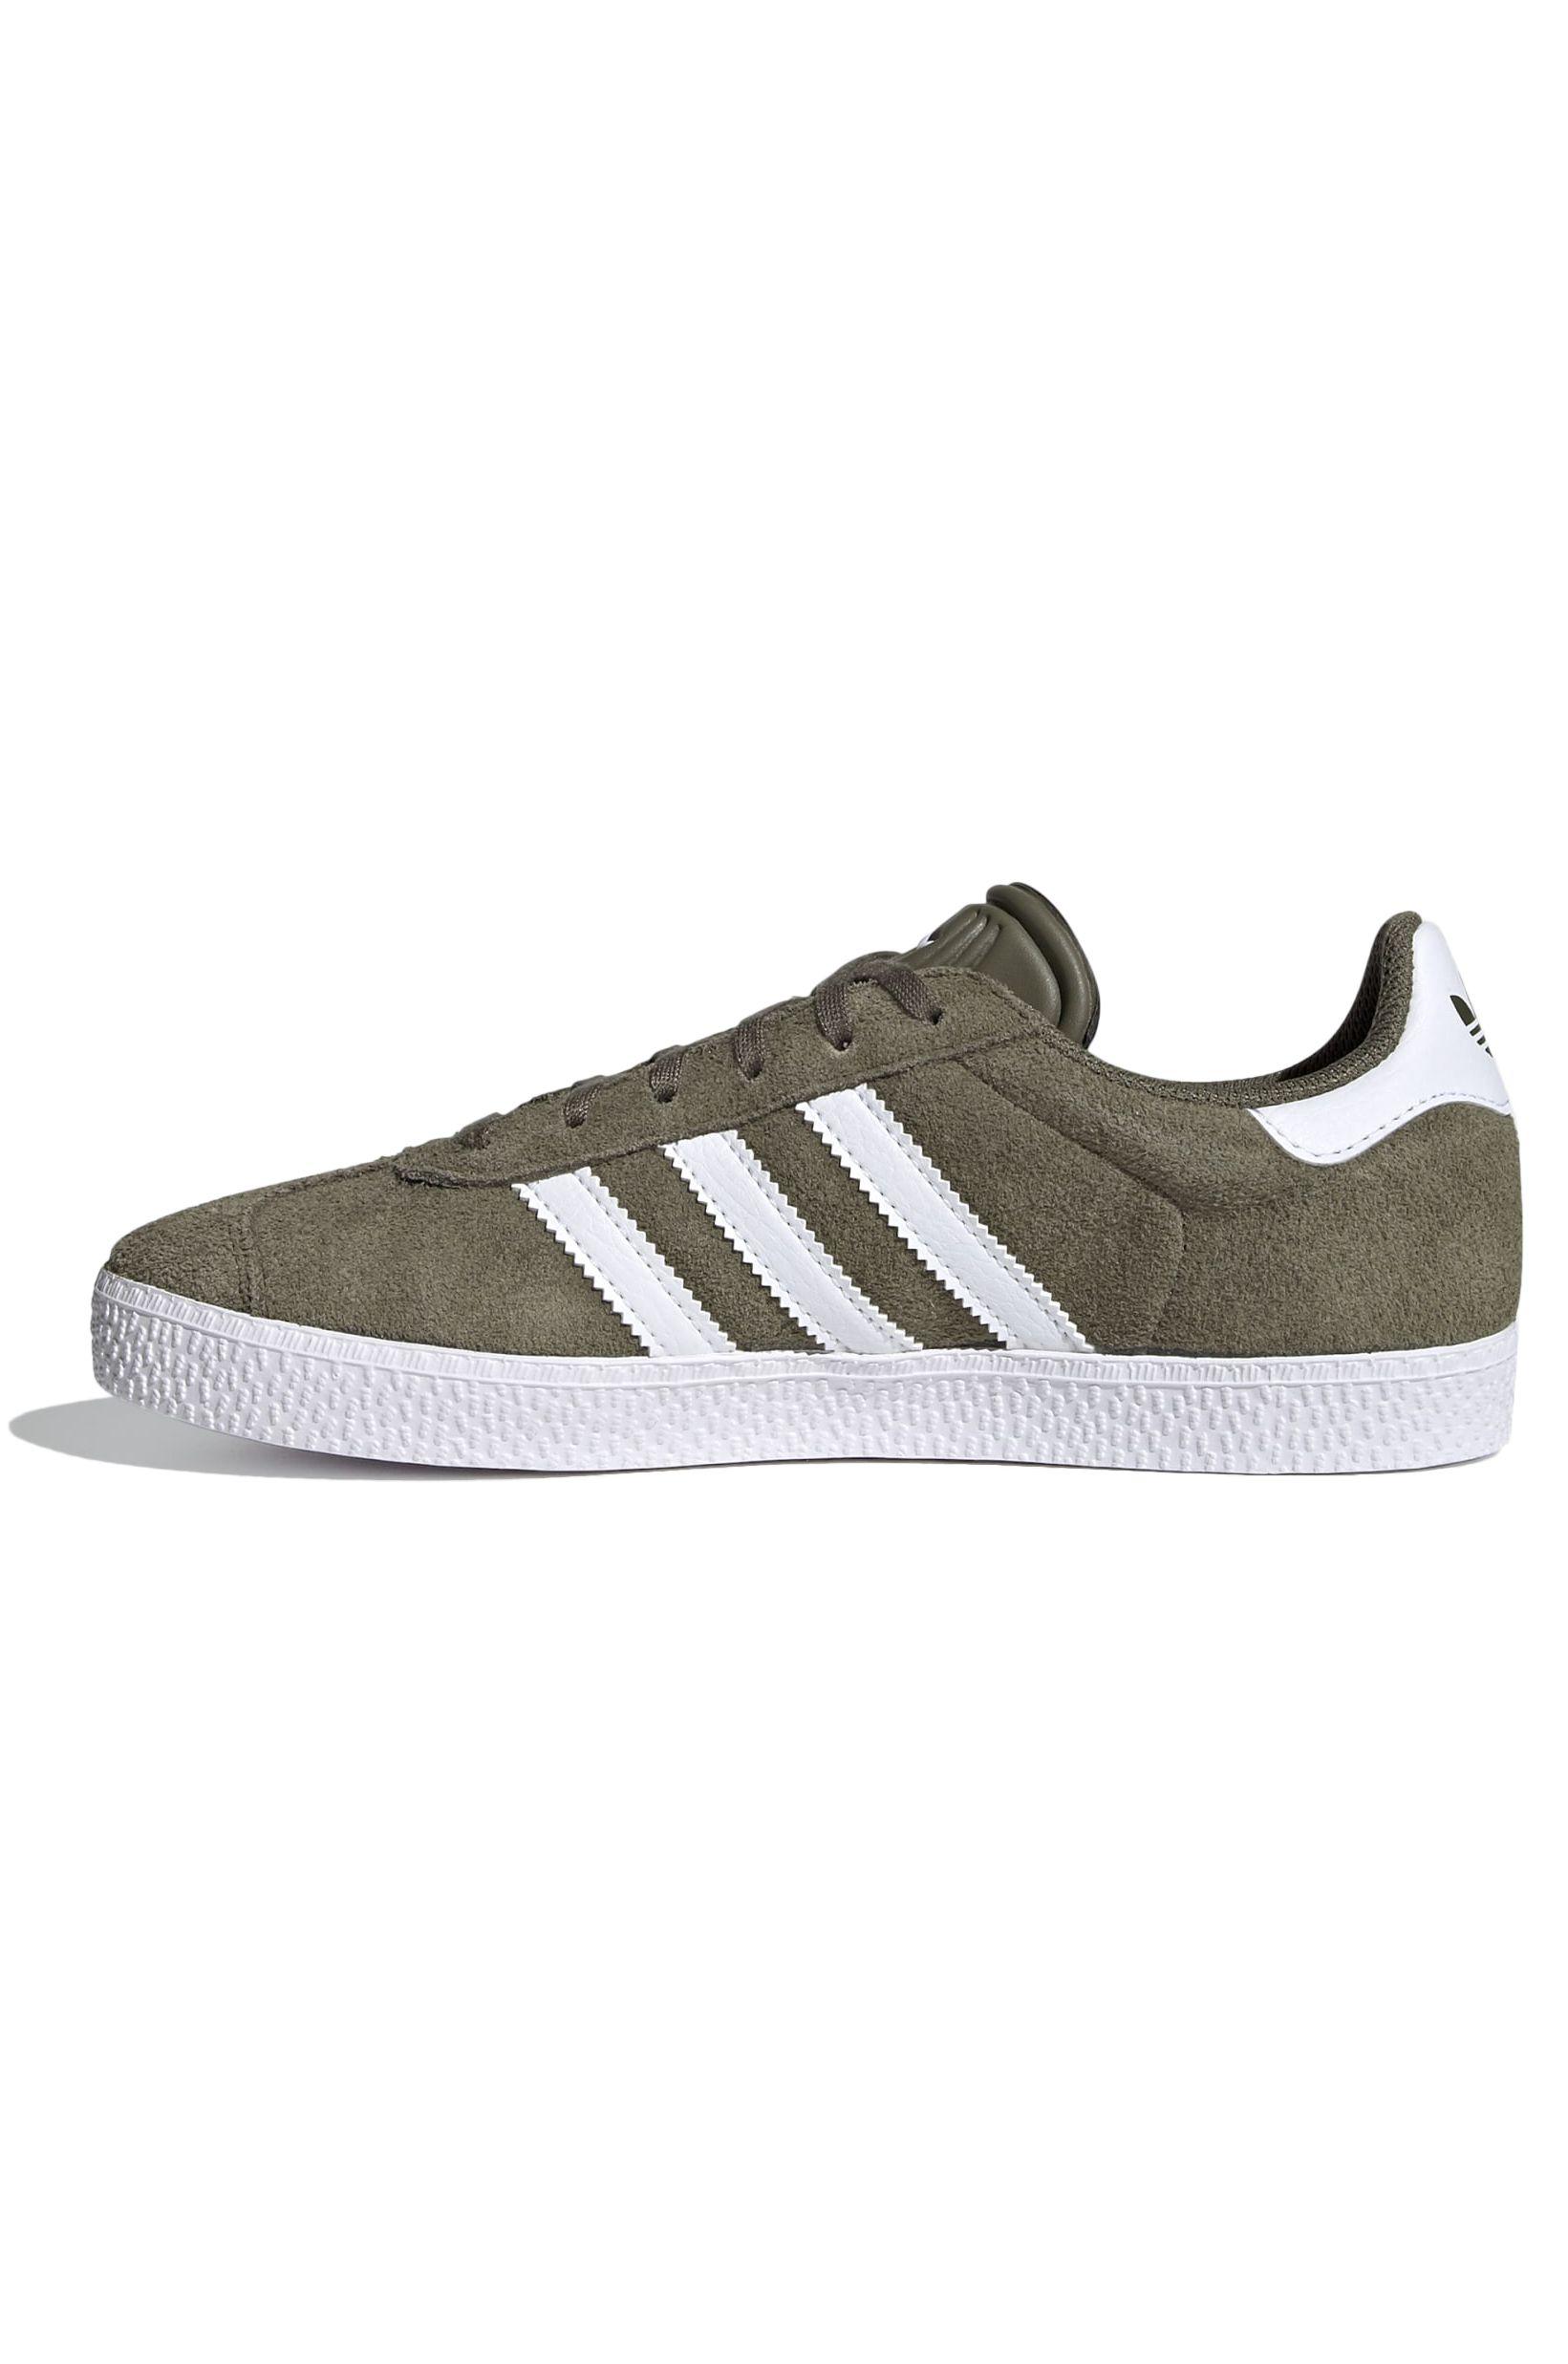 Tenis Adidas GAZELLE J Raw Khaki/Ftwr White/Ftwr White